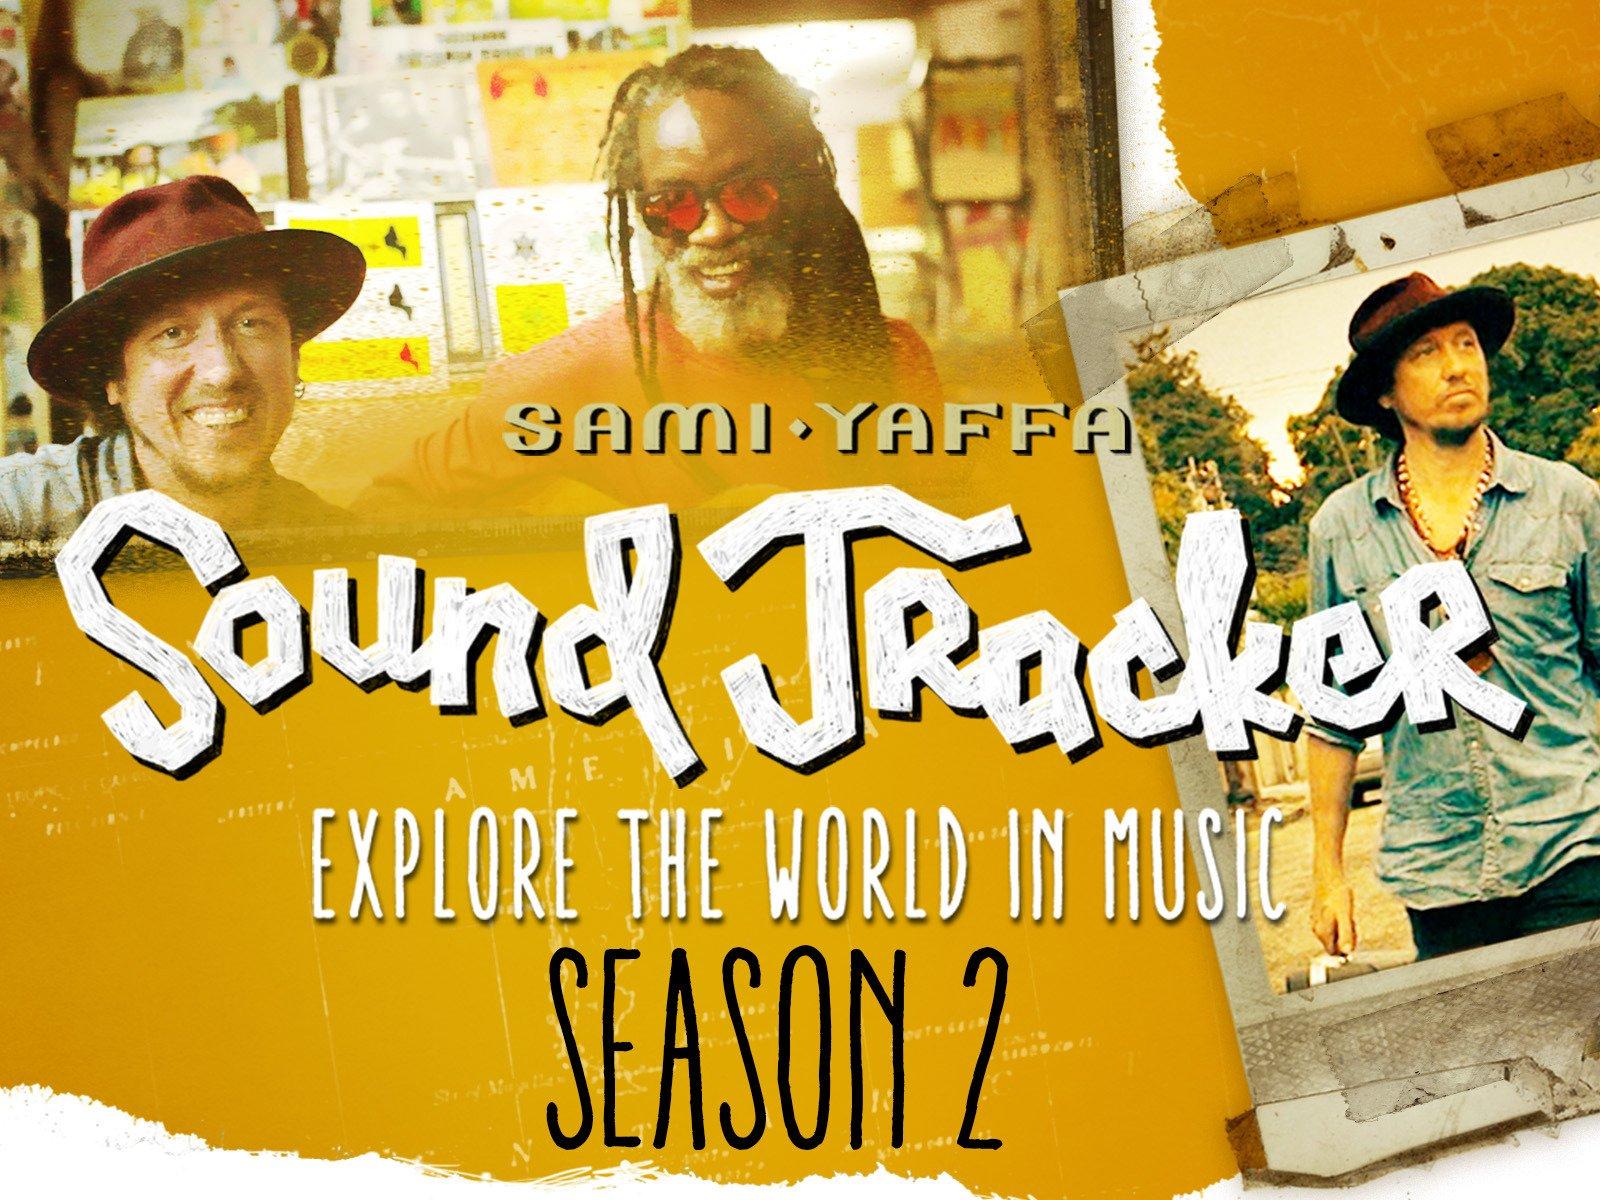 Sami Yaffa - Season 2